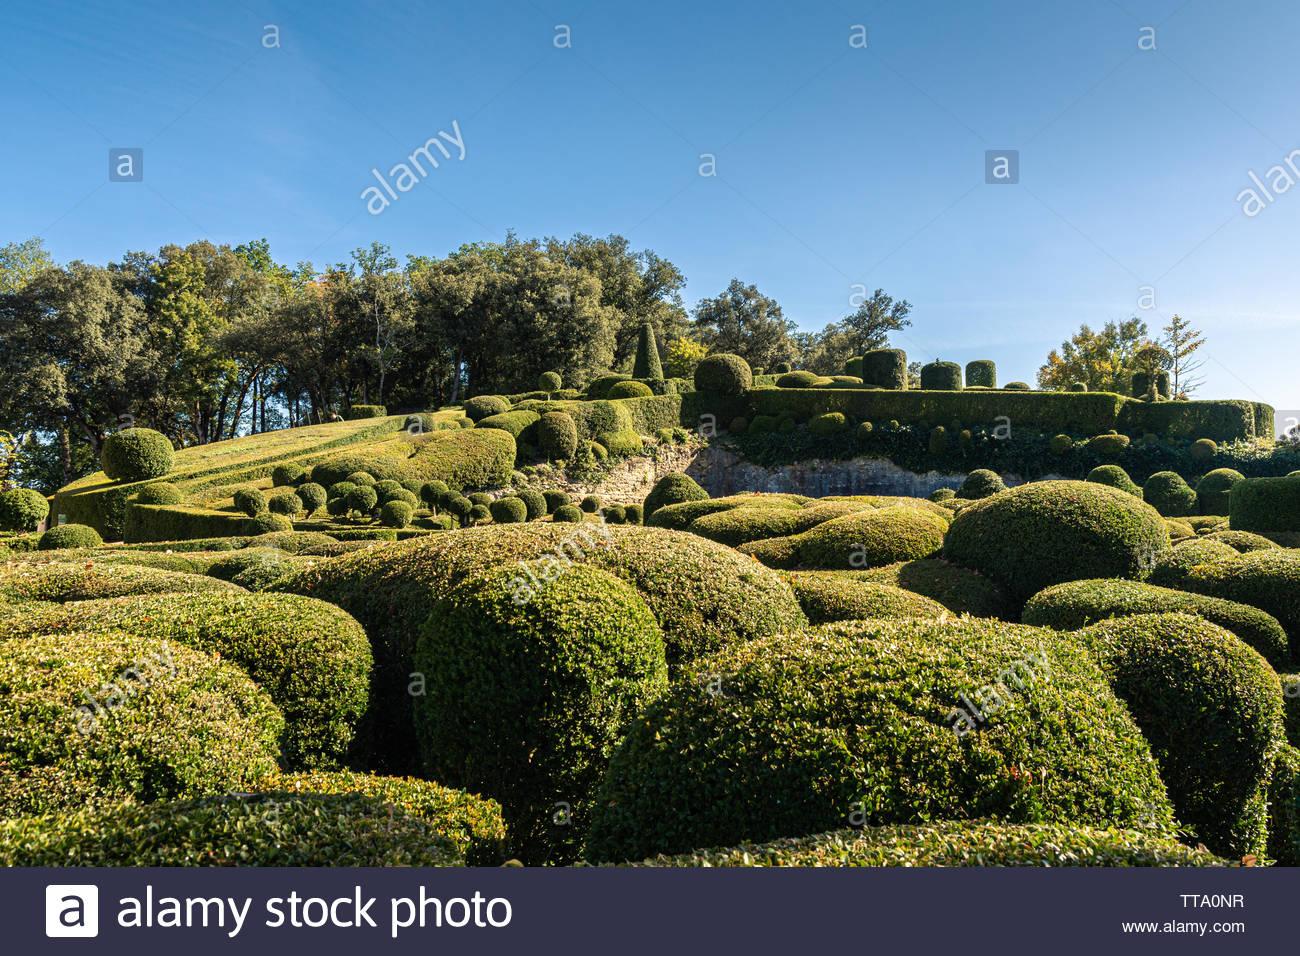 gardens of the chateau de marqueyssac in the historic perigord region of france TTA0NR